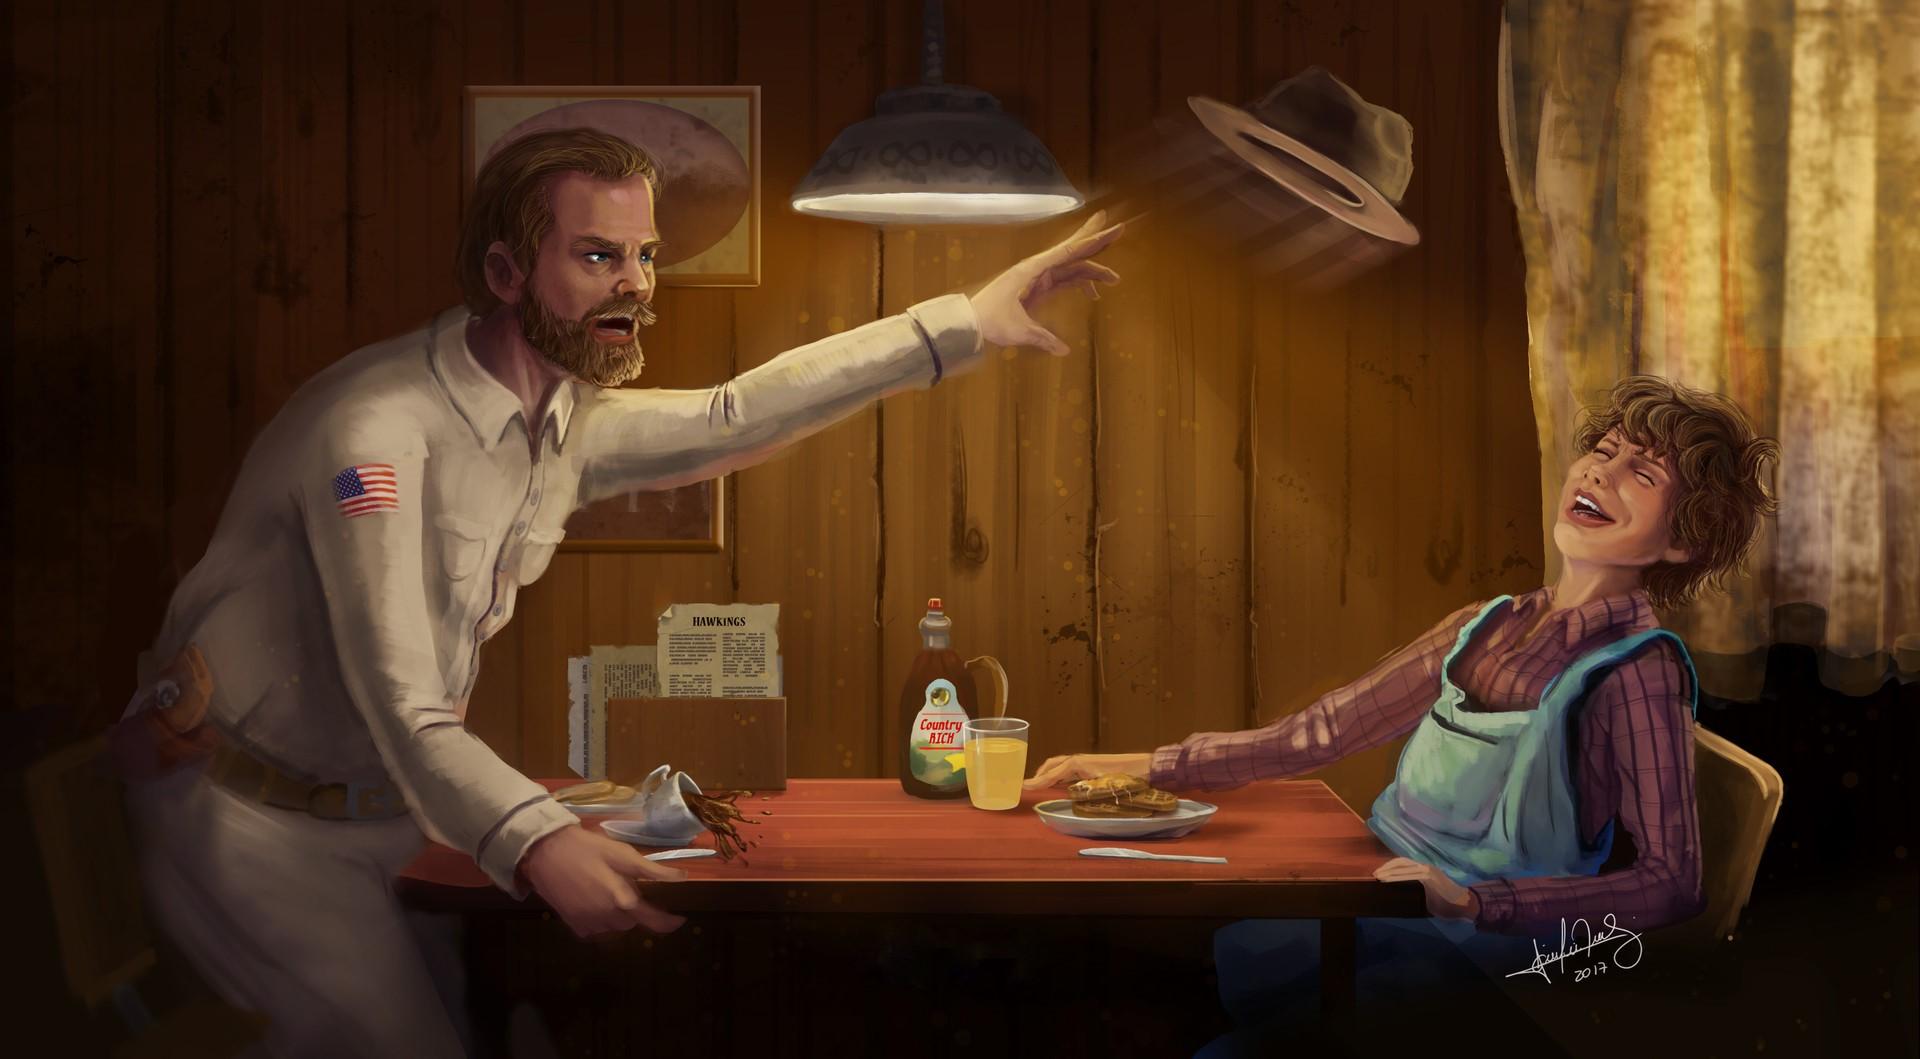 Фото Приемный отец с дочкой Джейн за столом, сериал Eleven and Hopper / Одиннадцать и Хоппер, иллюстратор Giulia Bokel